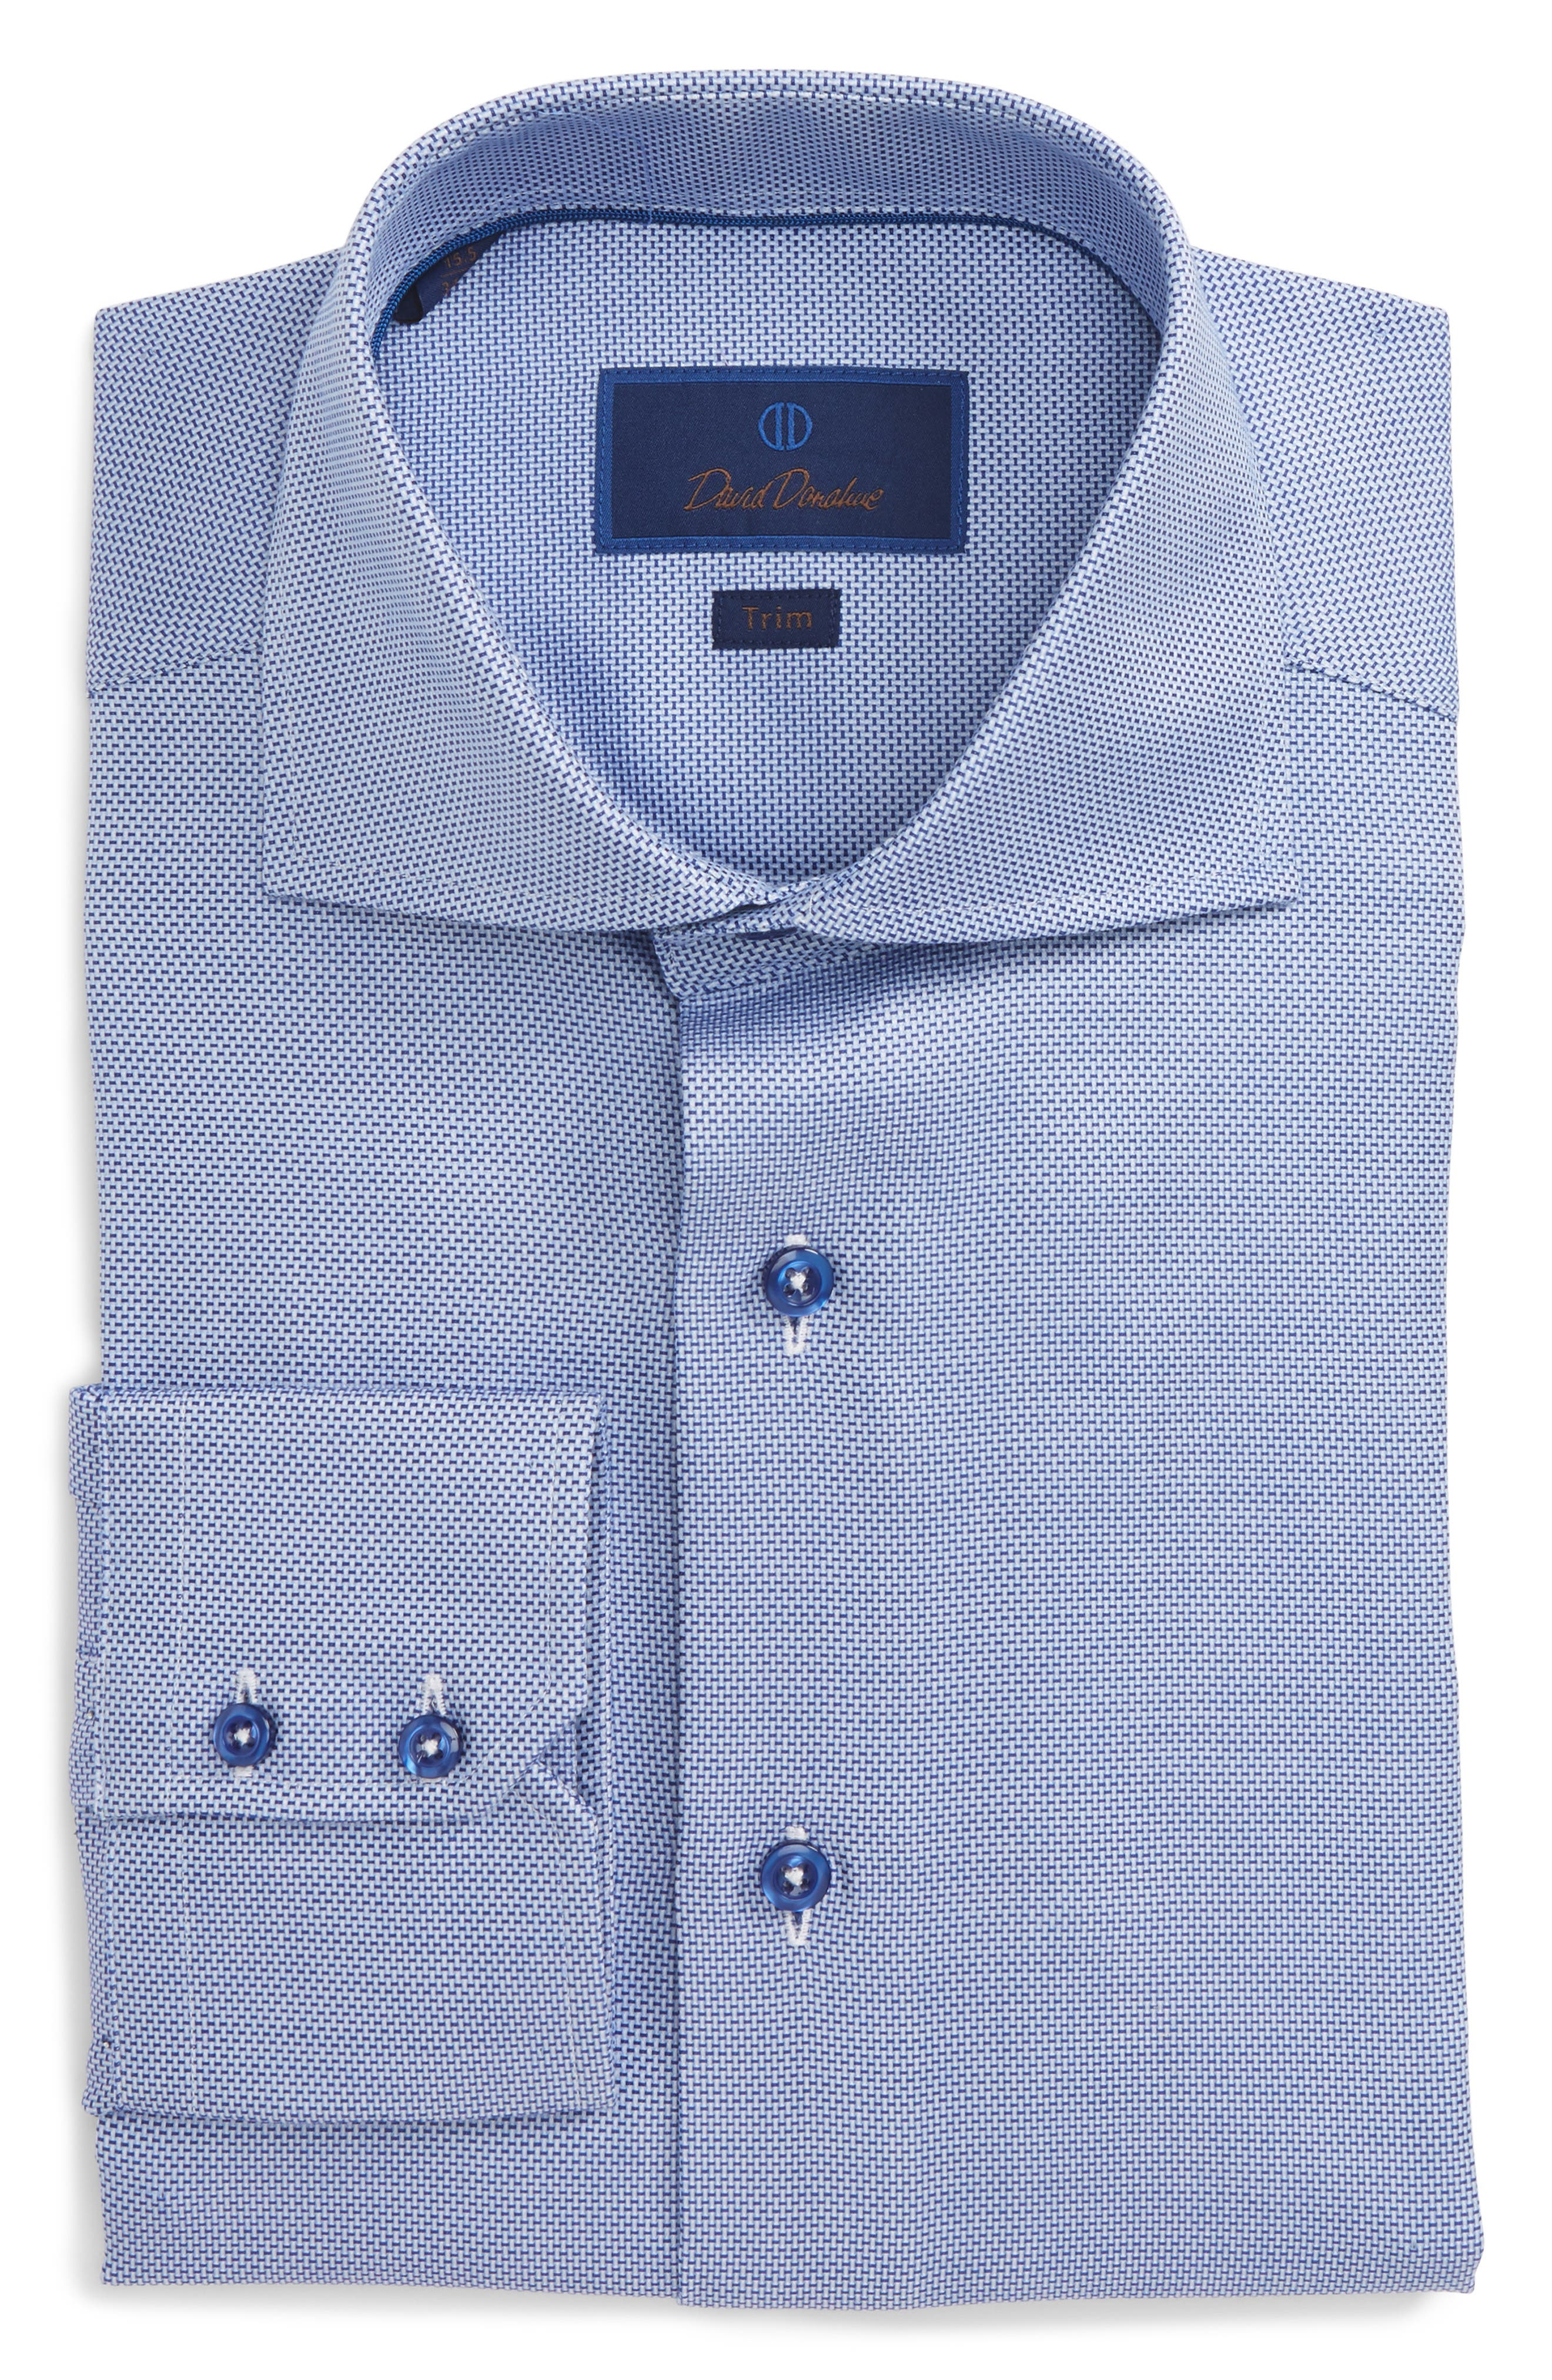 Trim Fit Solid Dress Shirt,                         Main,                         color,